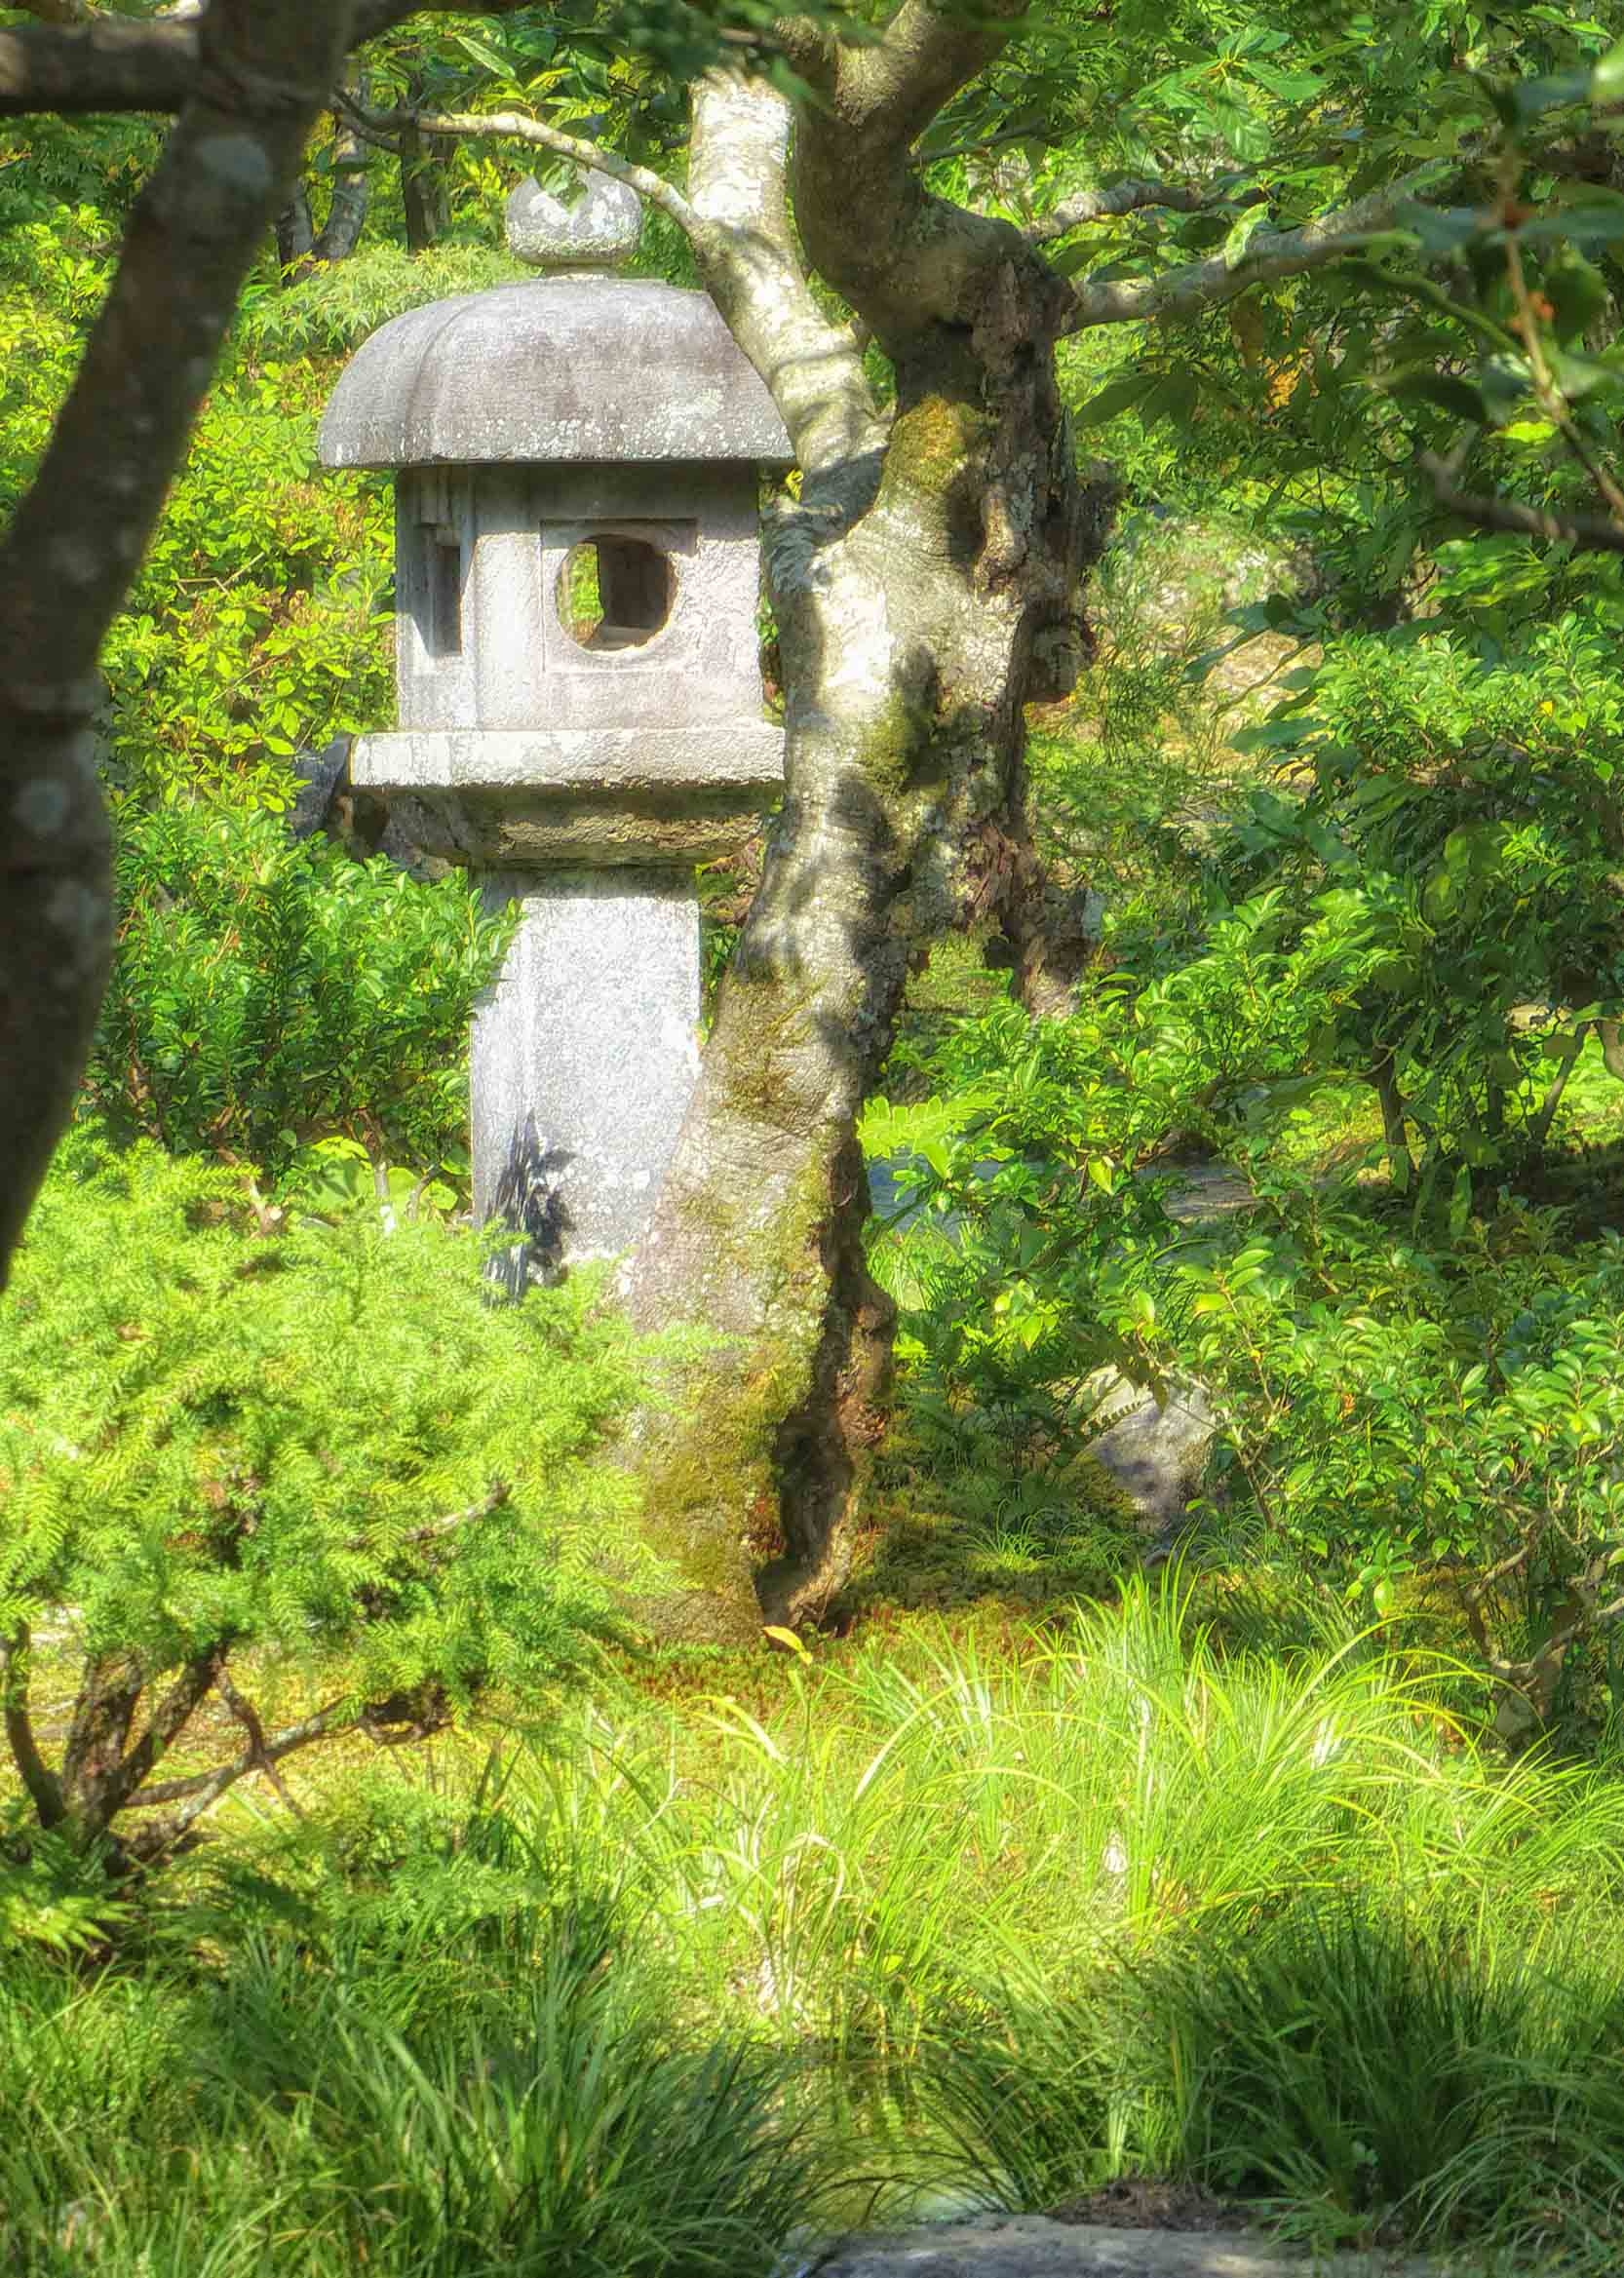 Stone shrine among trees